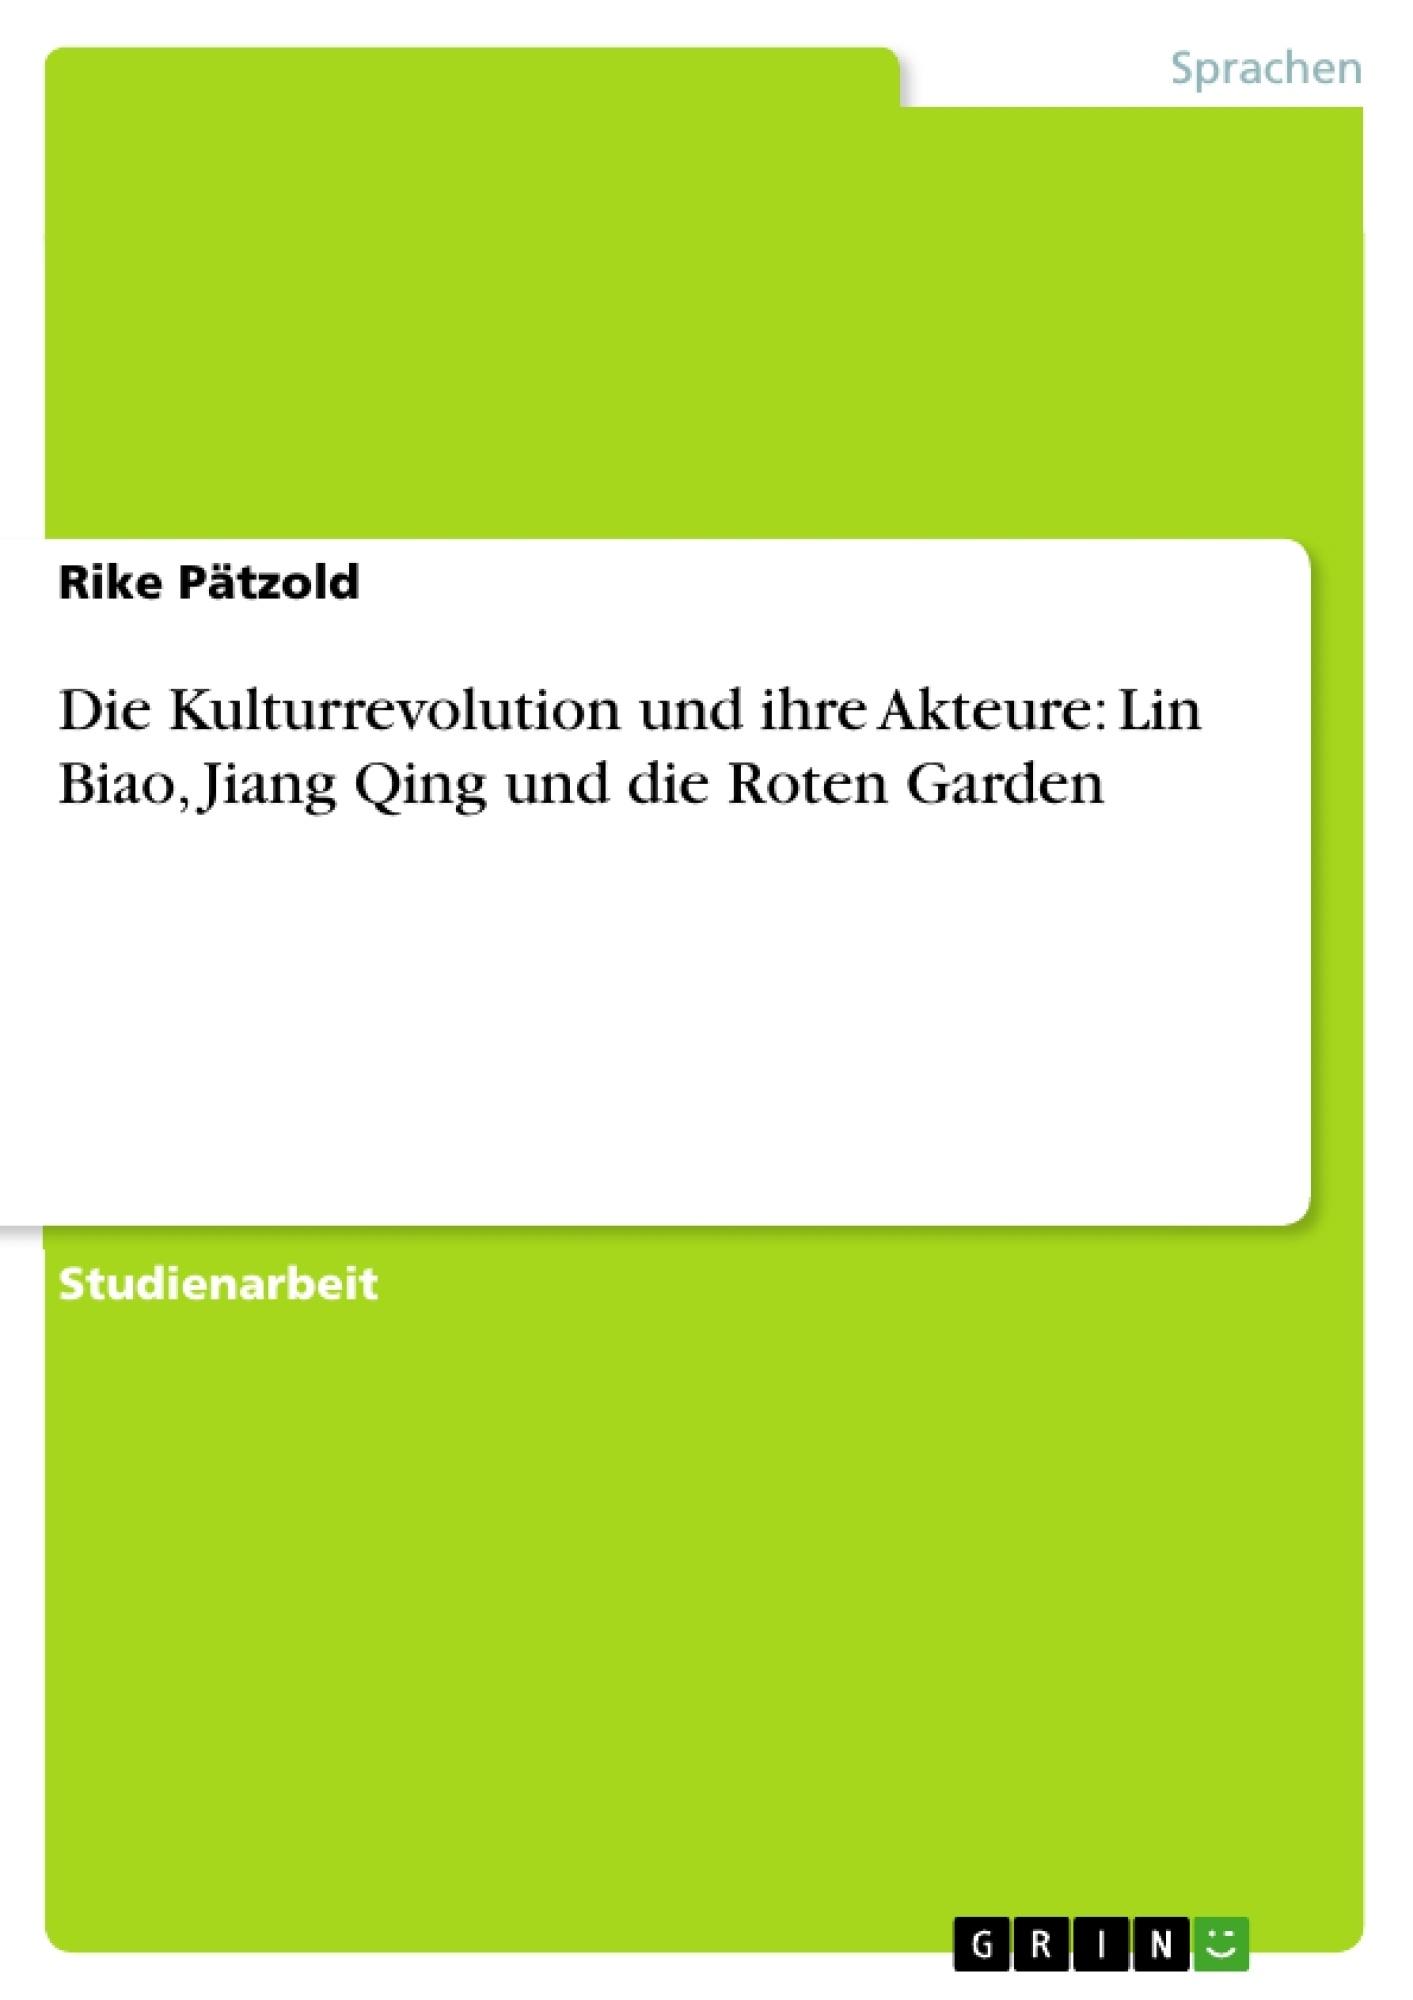 Titel: Die Kulturrevolution und ihre Akteure: Lin Biao, Jiang Qing und die Roten Garden